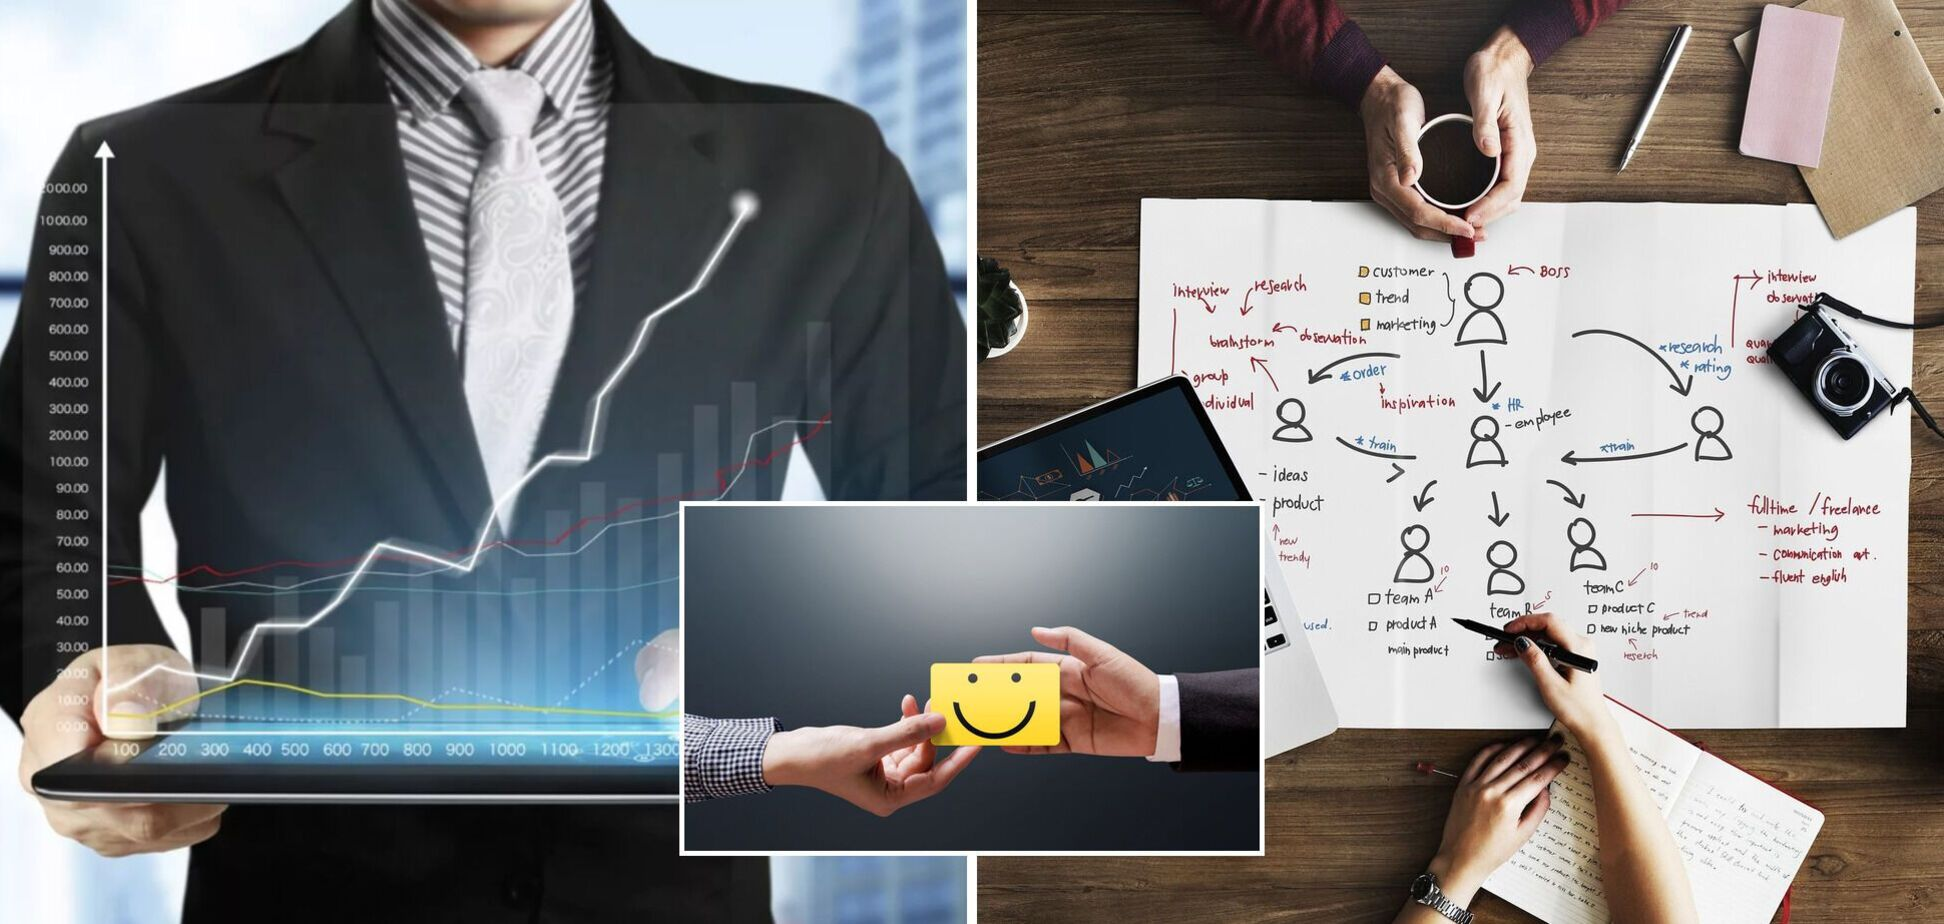 Міфи маркетингу, які роблять ваш бізнес вразливим і неконкурентним